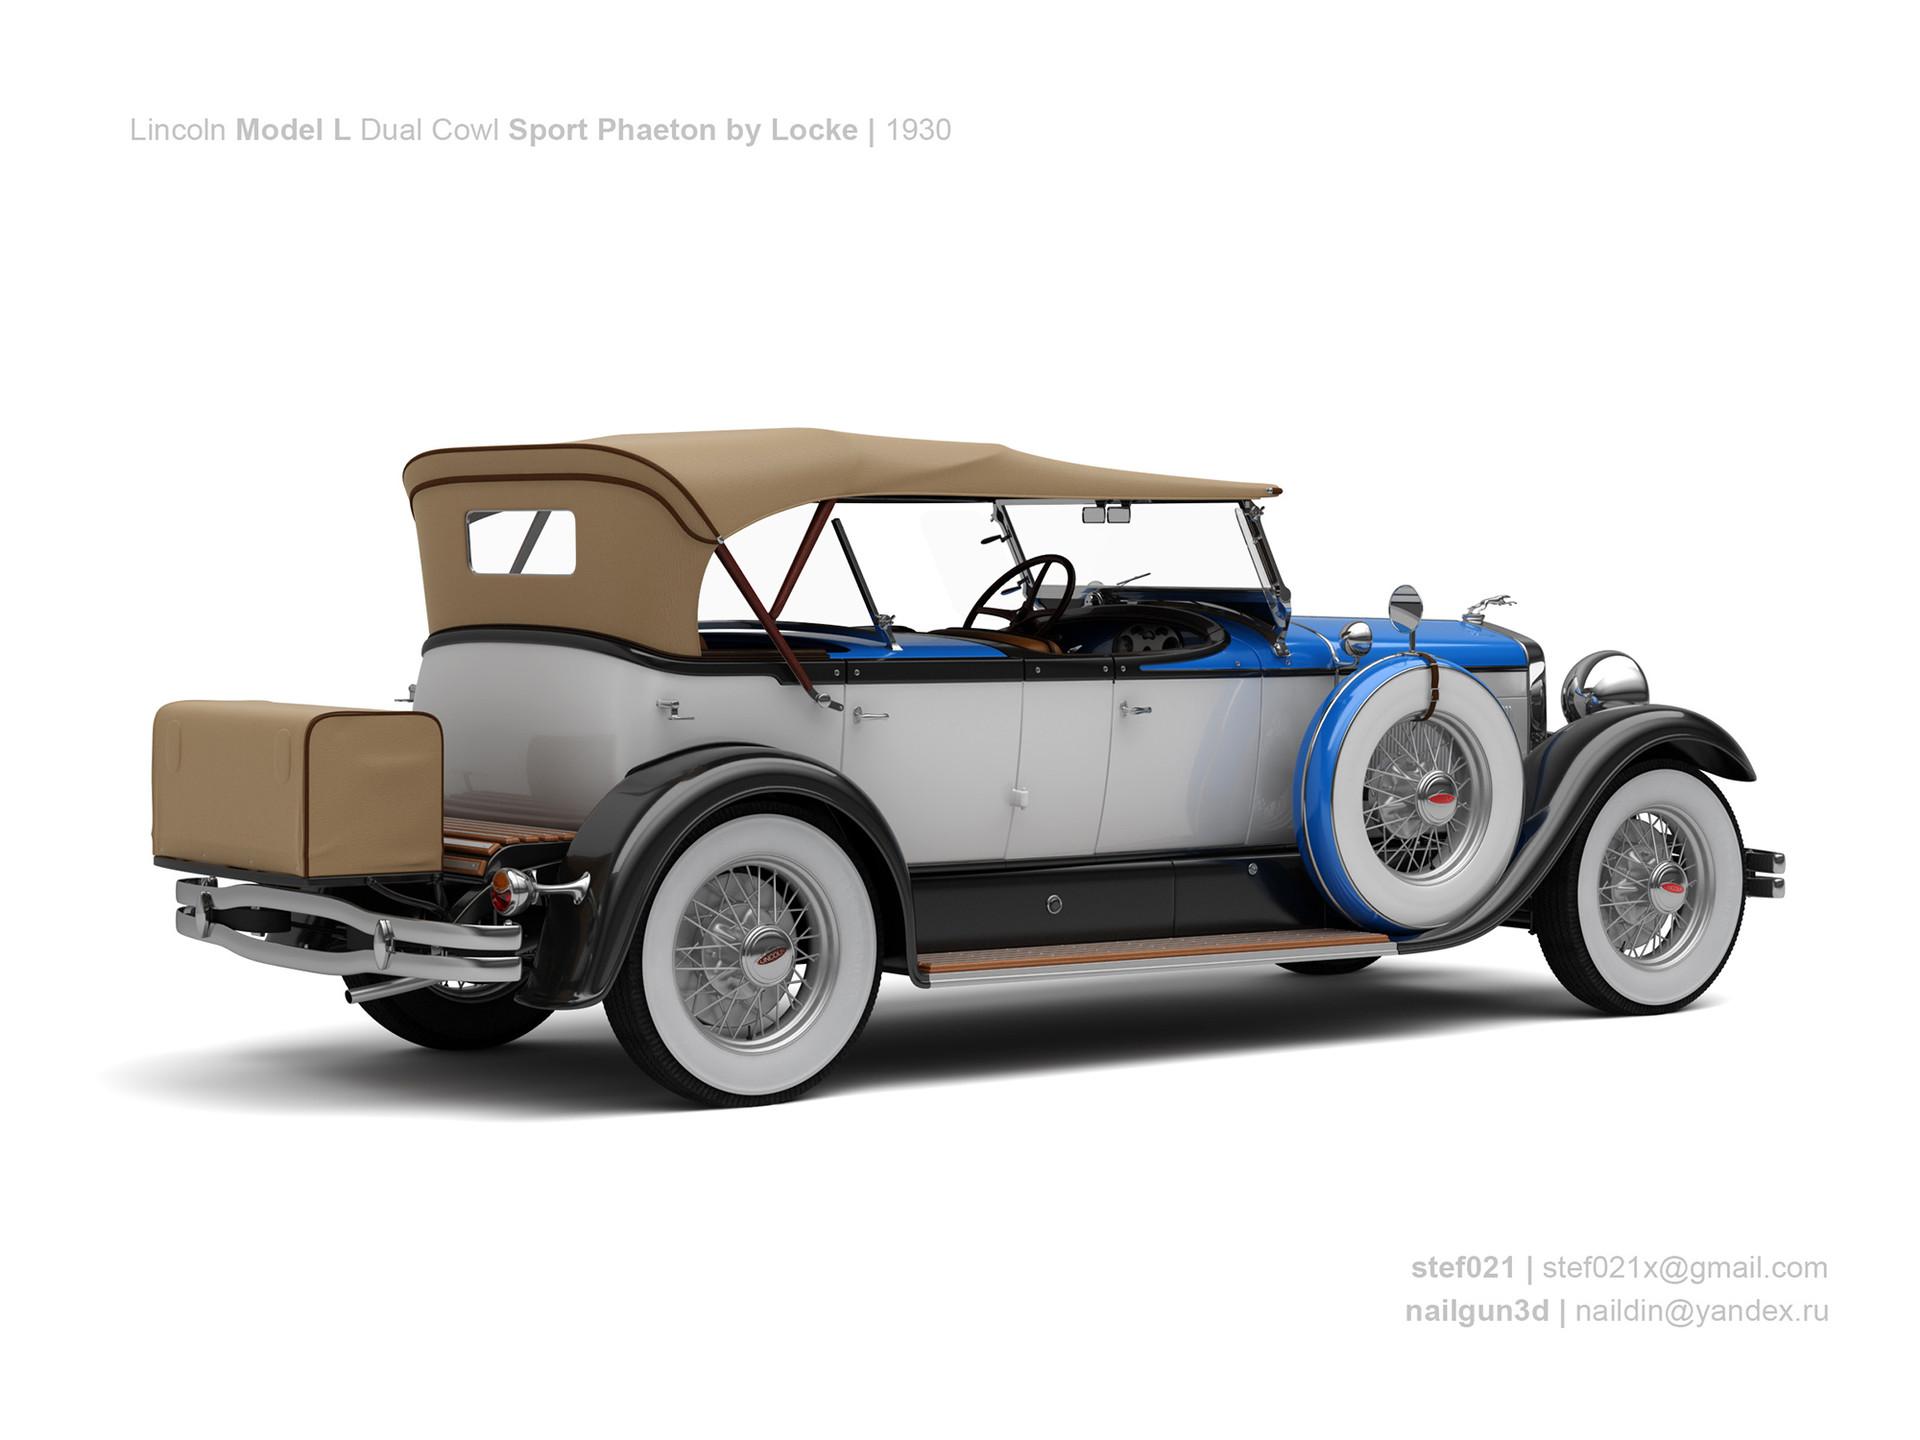 Nail khusnutdinov a0012 000 lincoln model l dual cowl sport phaeton by locke 1930 1